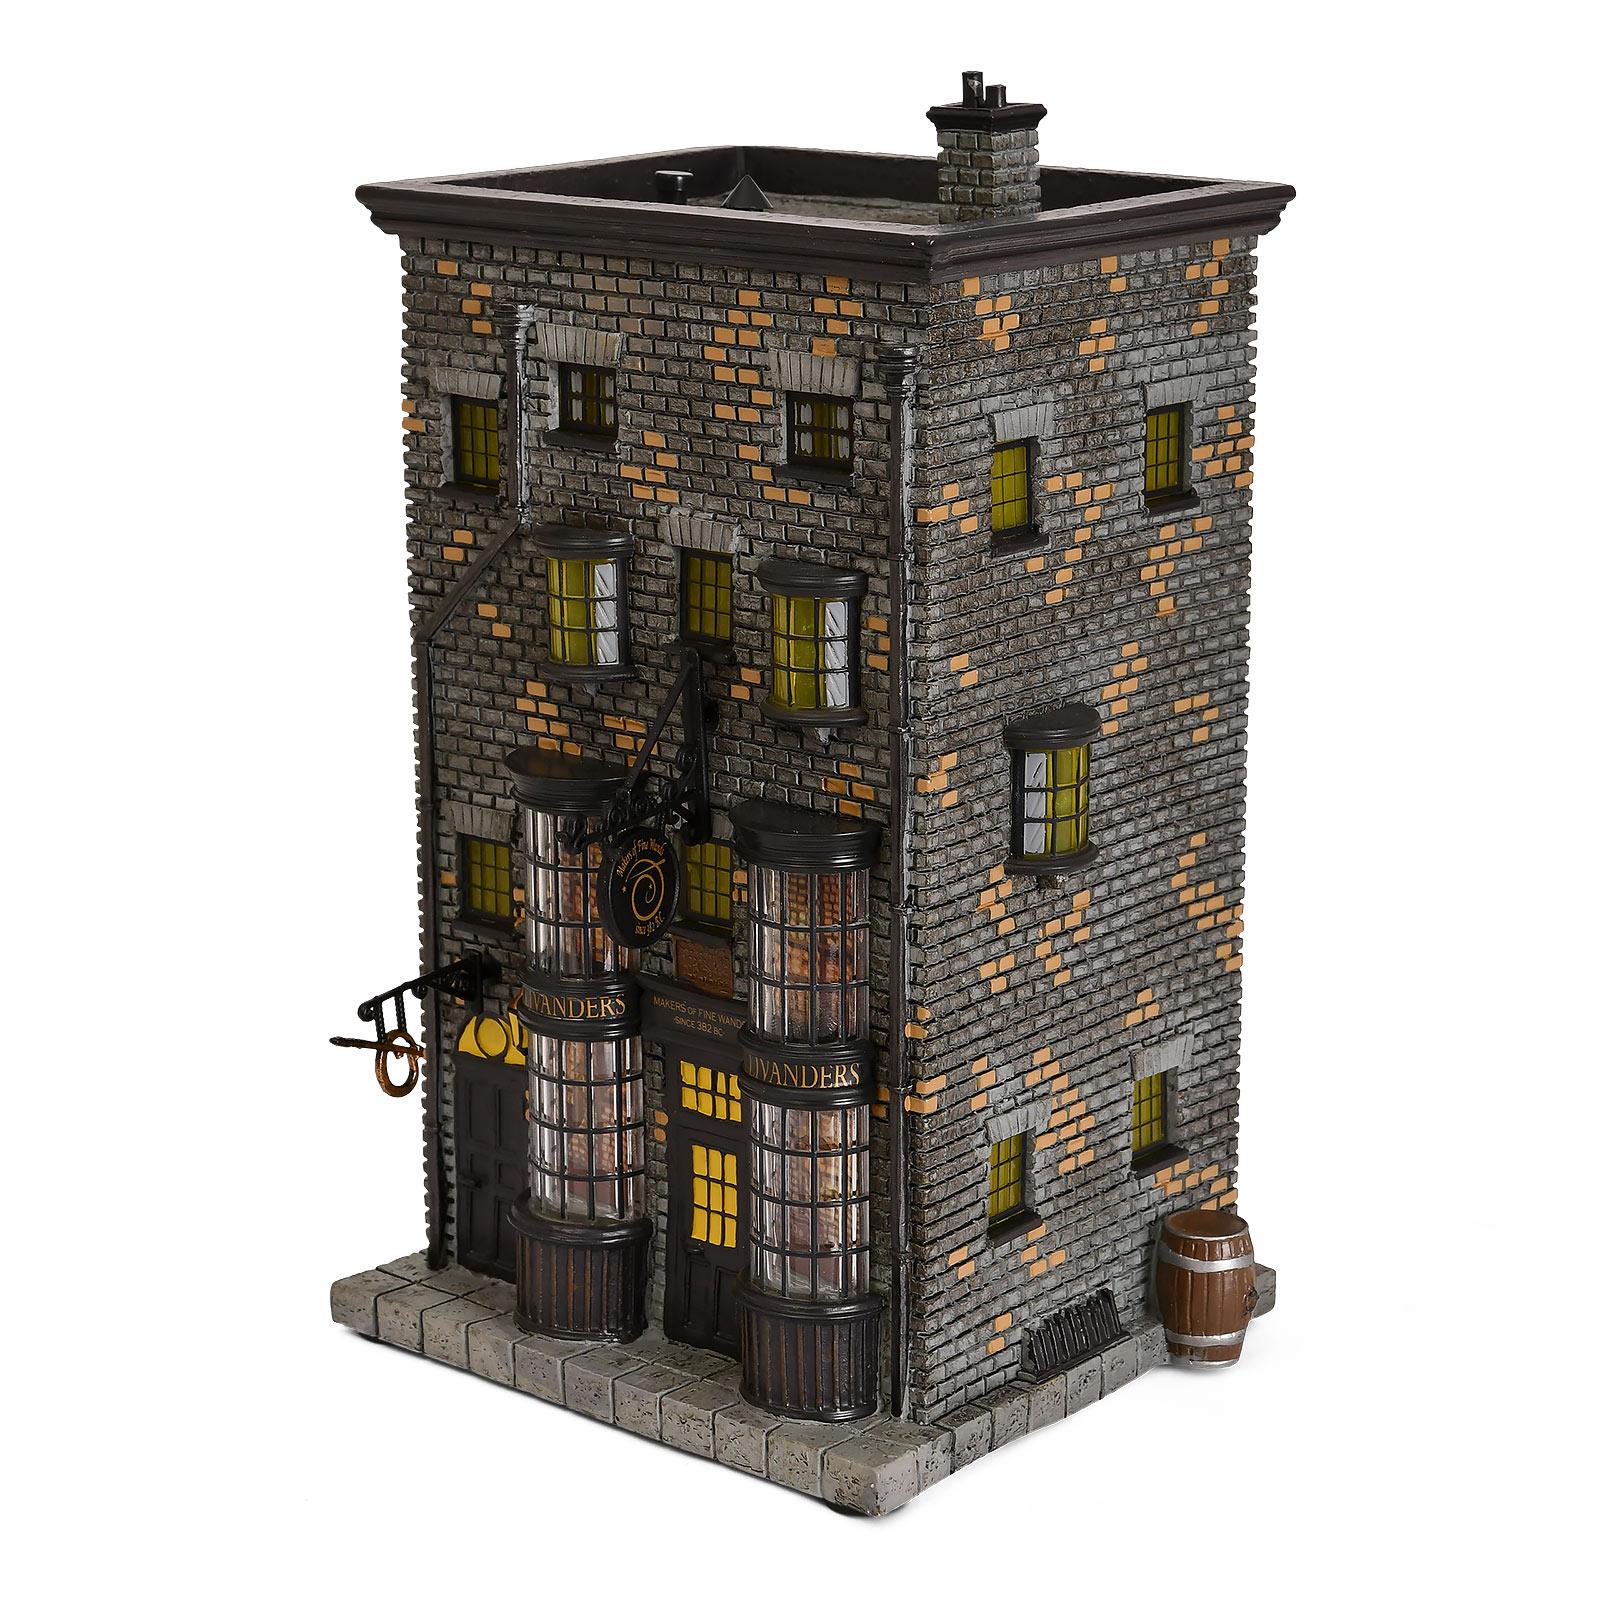 Ollivanders Zauberstabladen Miniatur Replik mit Beleuchtung - Harry Potter